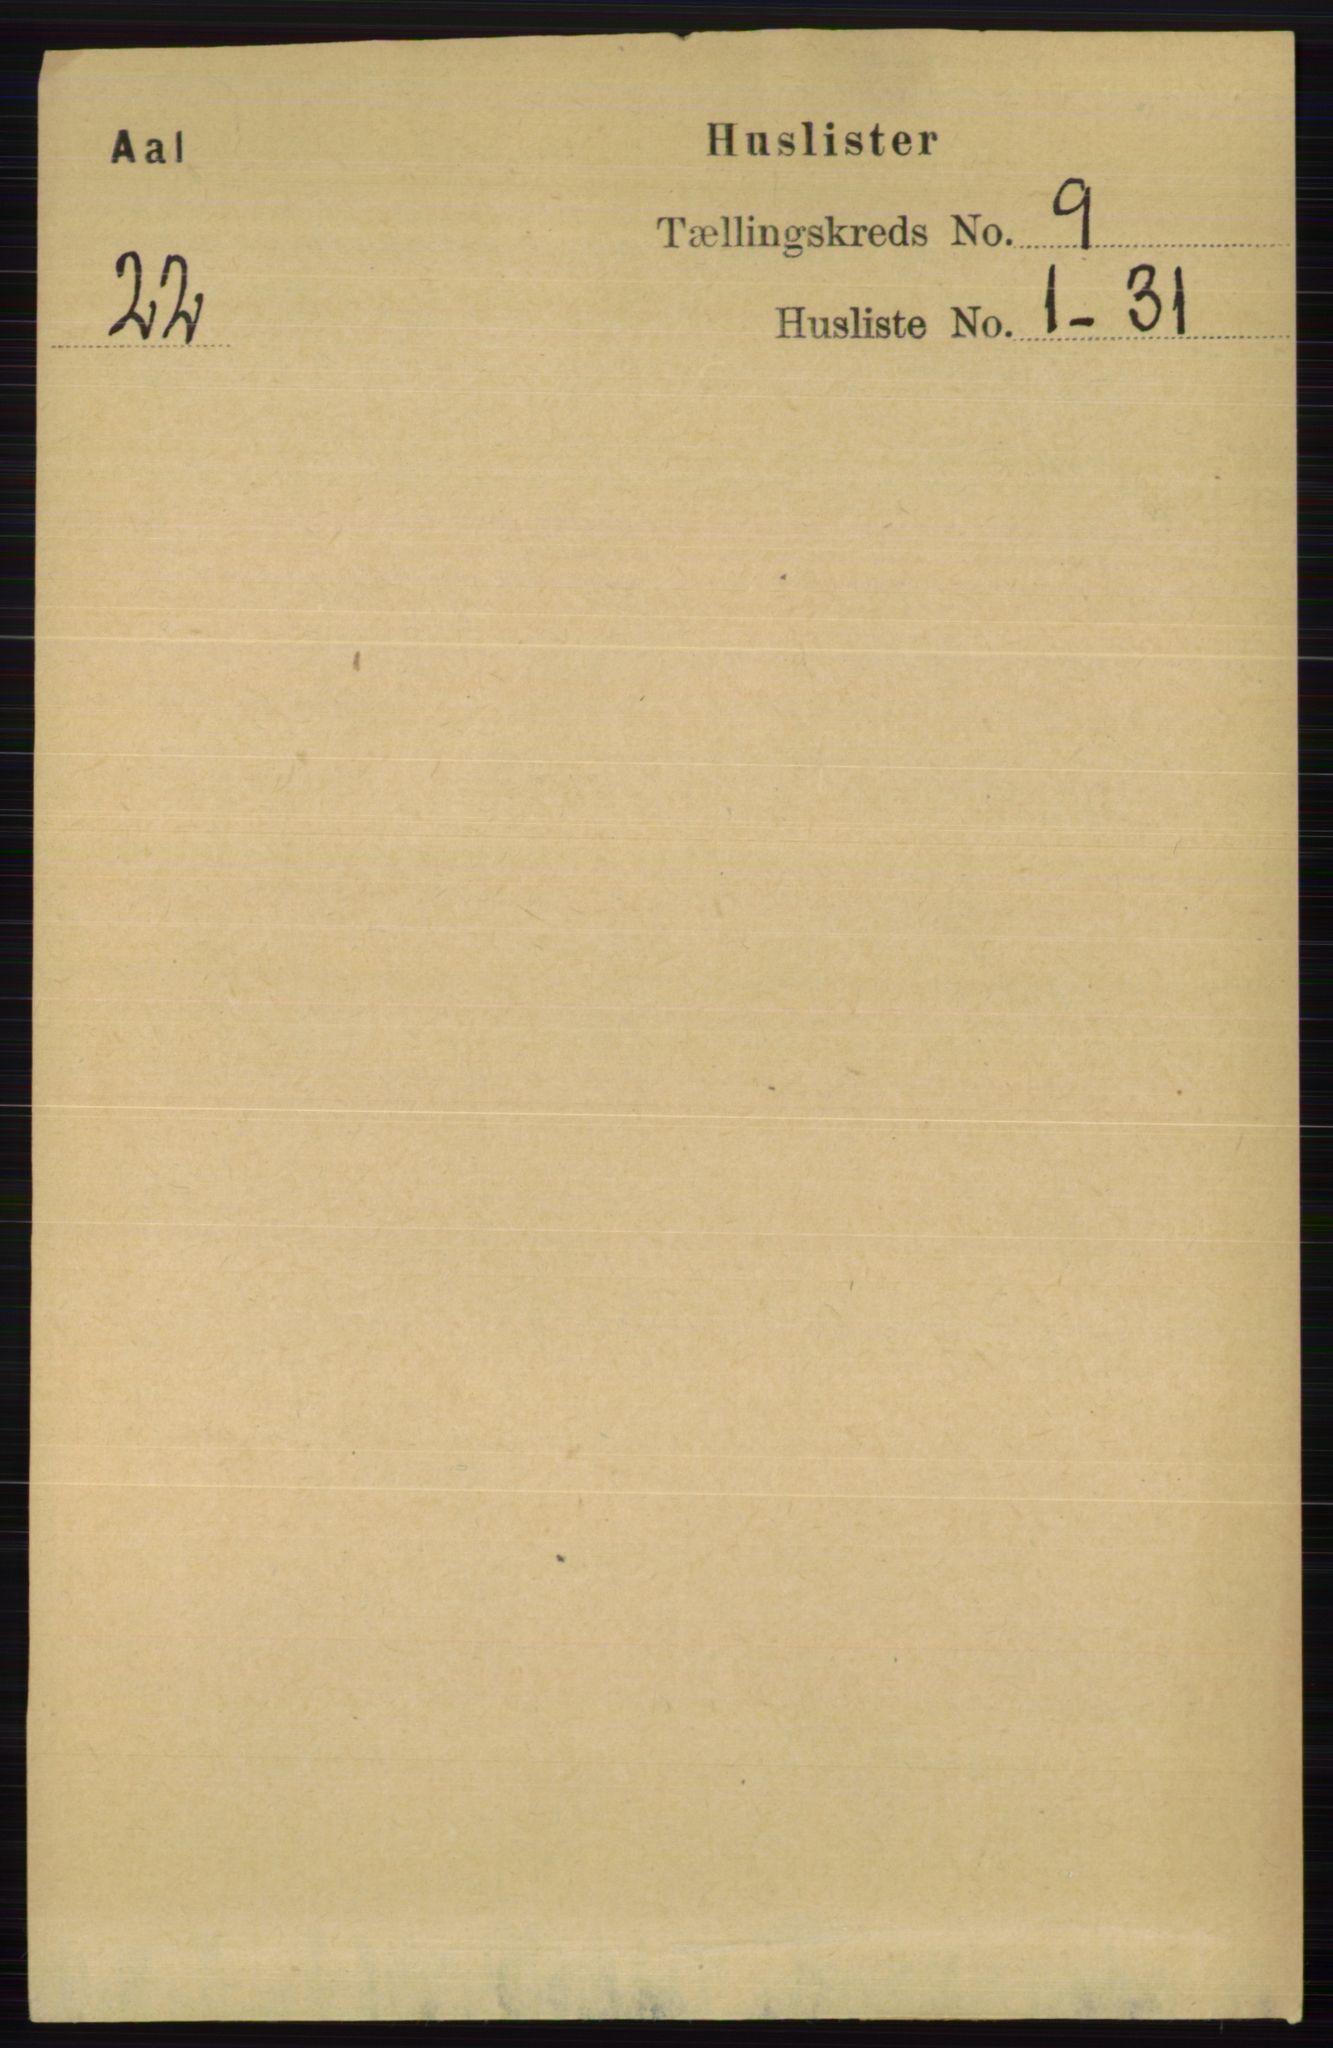 RA, Folketelling 1891 for 0619 Ål herred, 1891, s. 2445